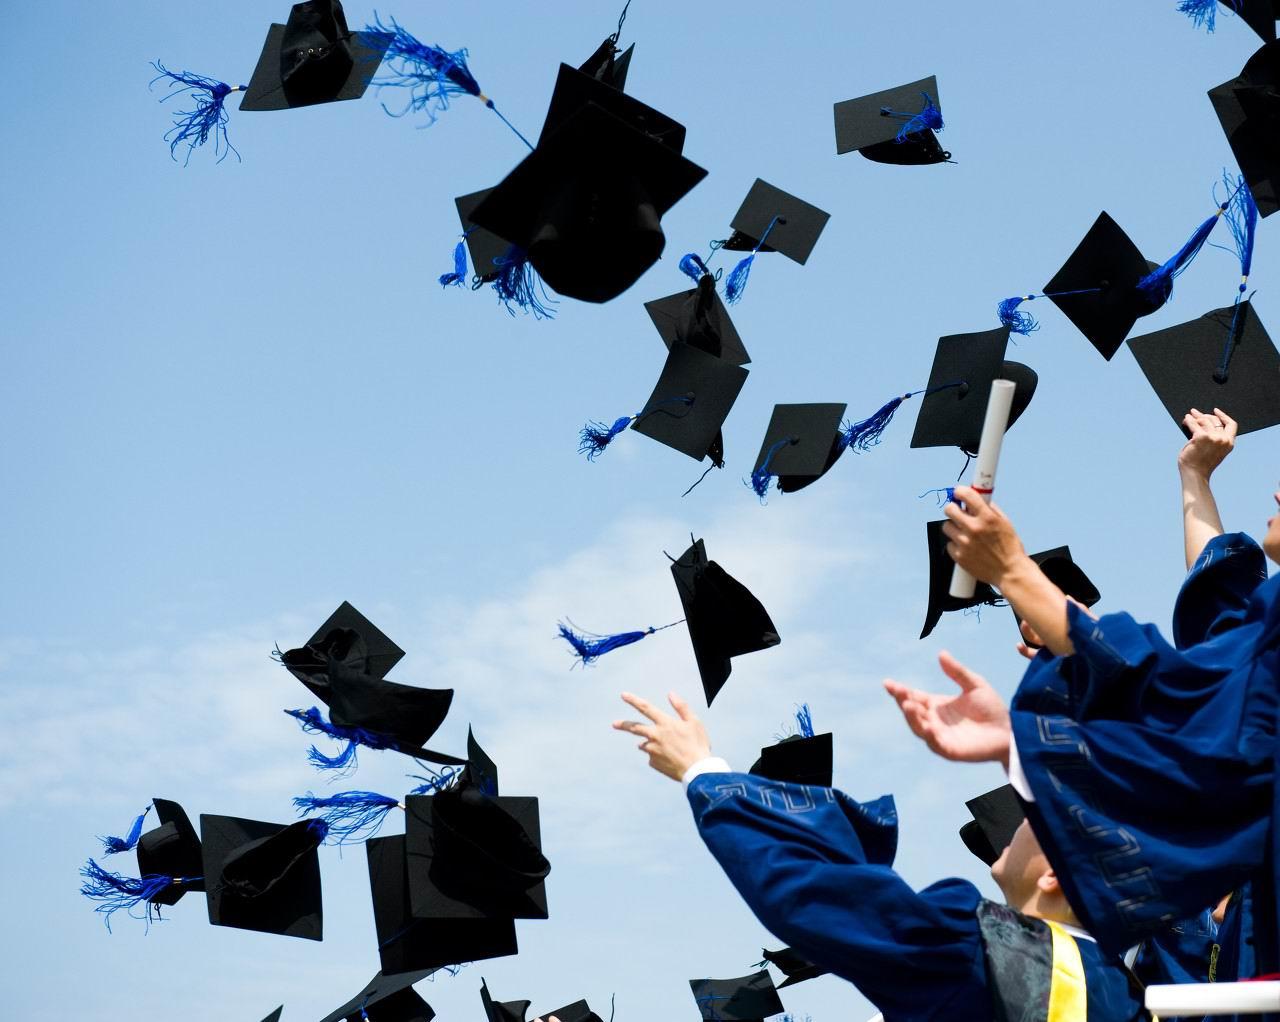 上海成毕业生工作首选城市,六成受访者愿拿出工资的20%来租房